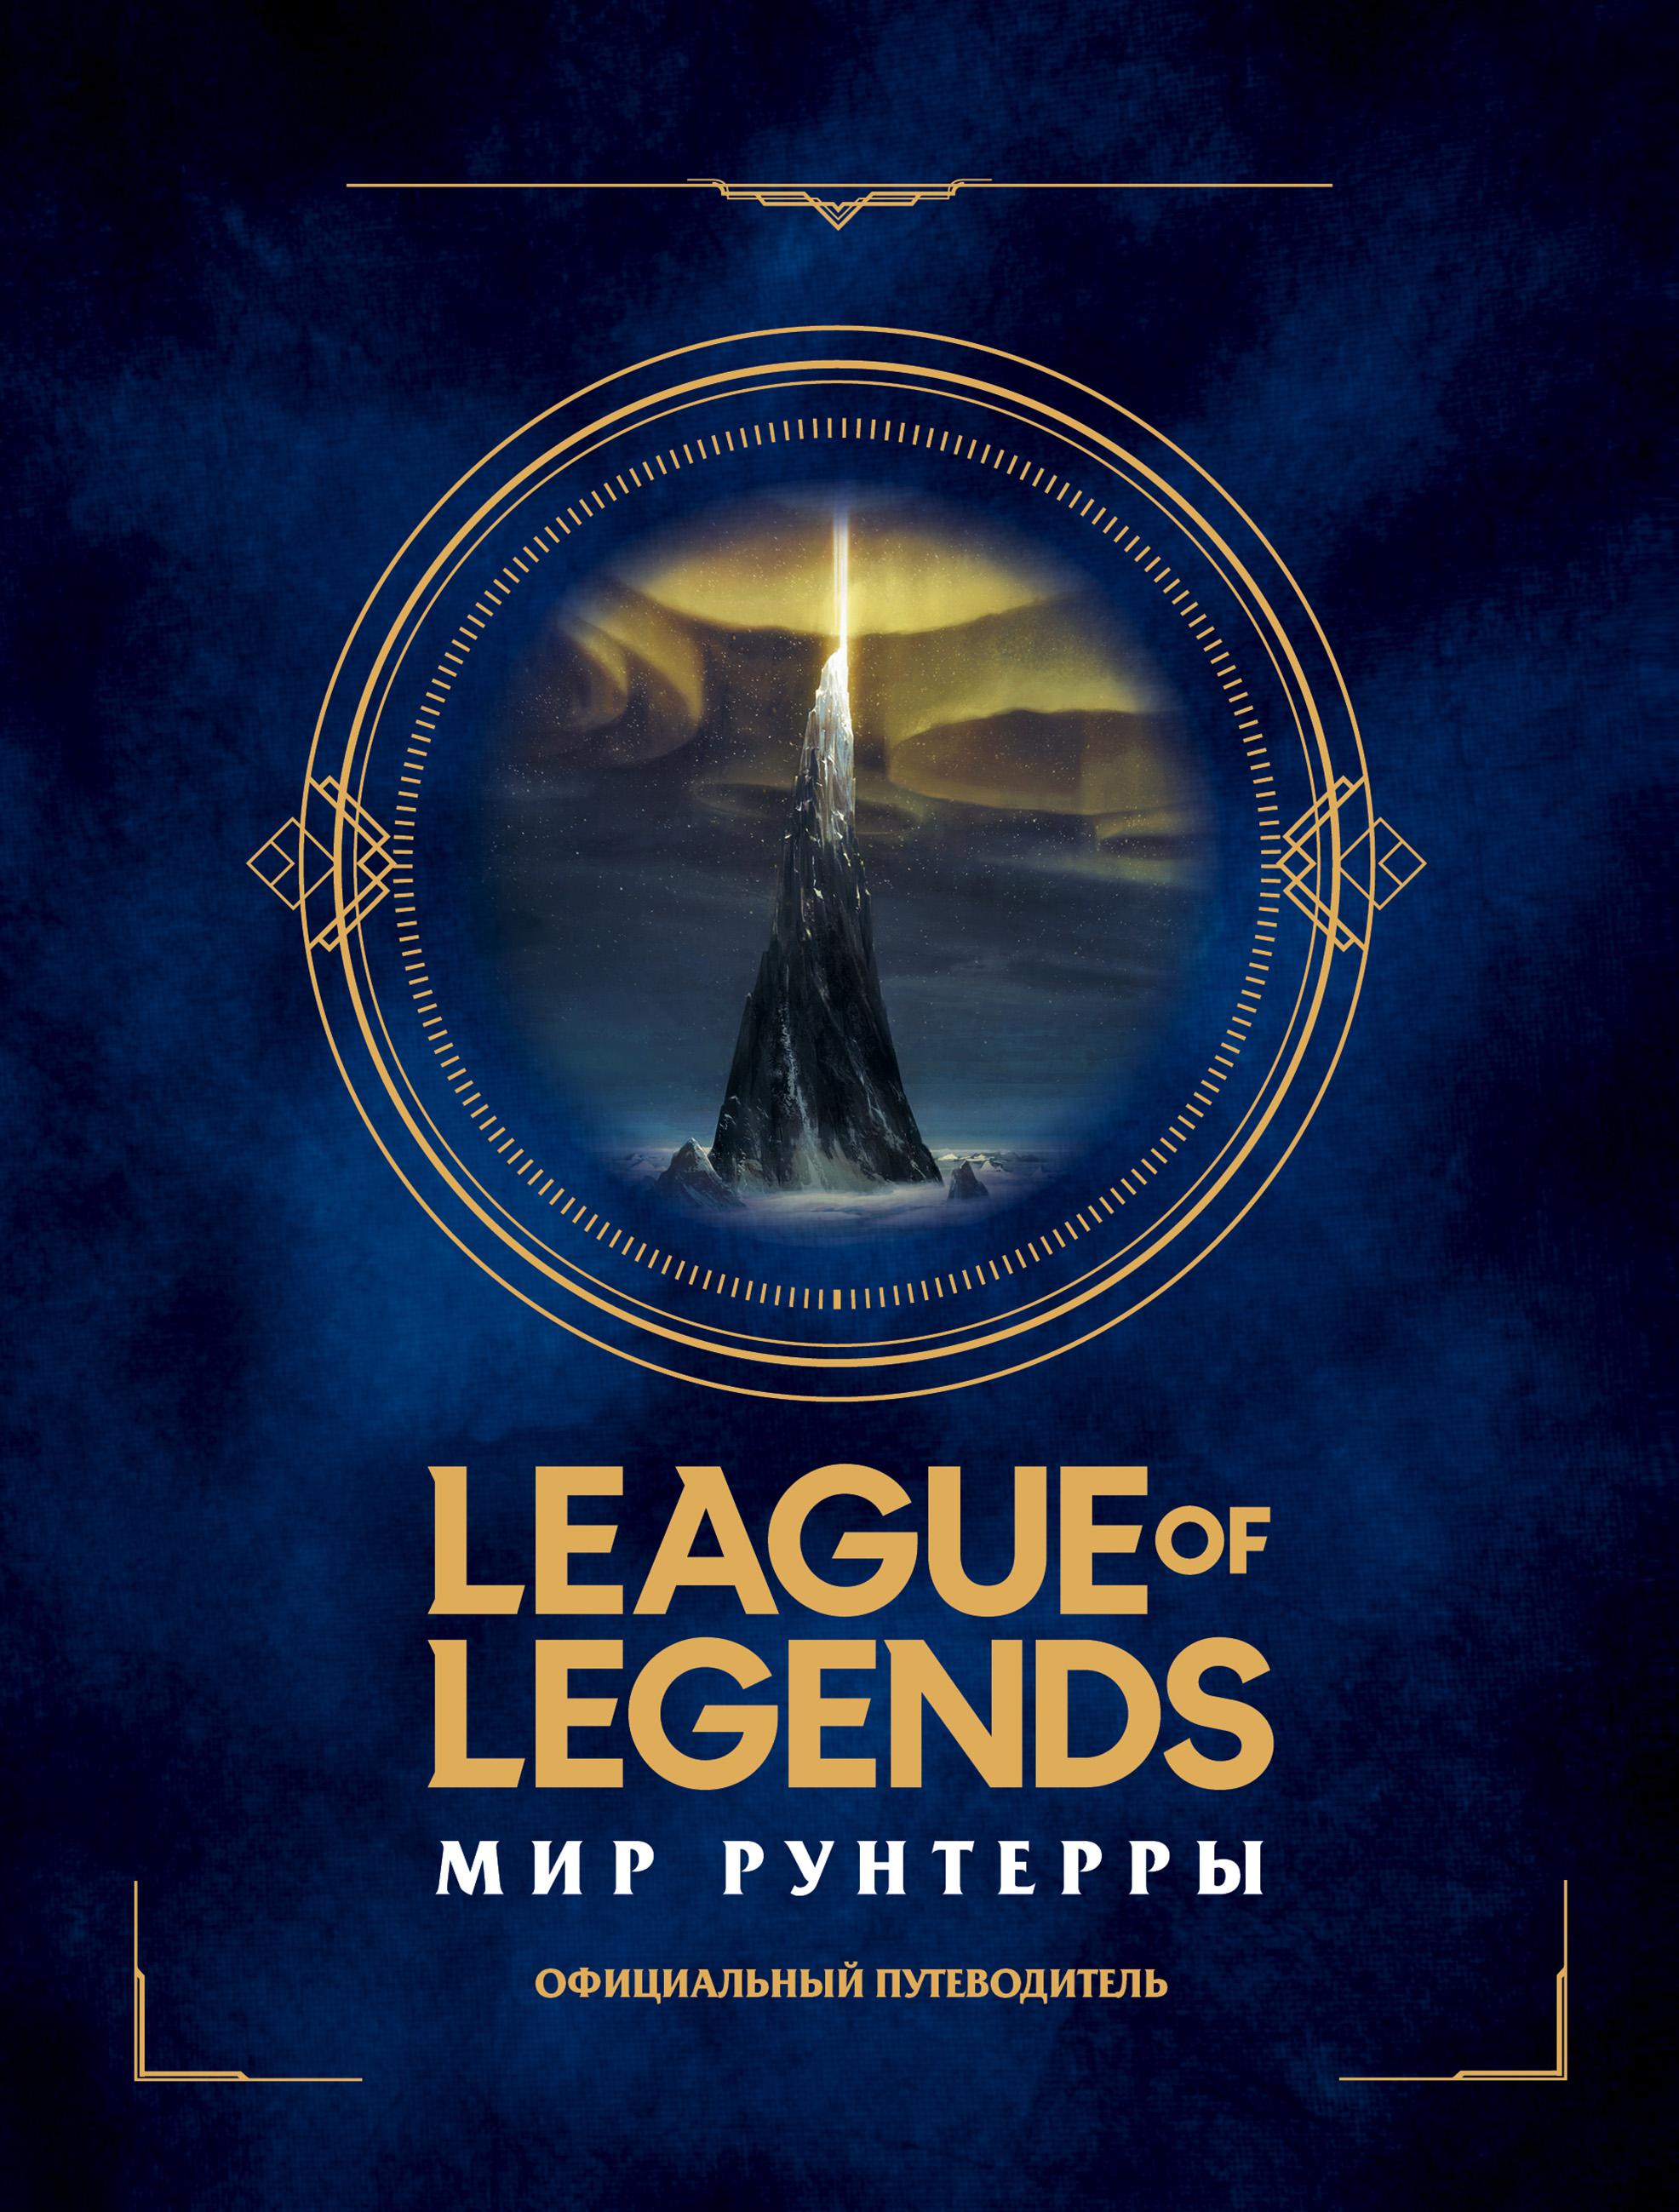 Купить книгу League of Legends. Мир Рунтерры. Официальный путеводитель, автора